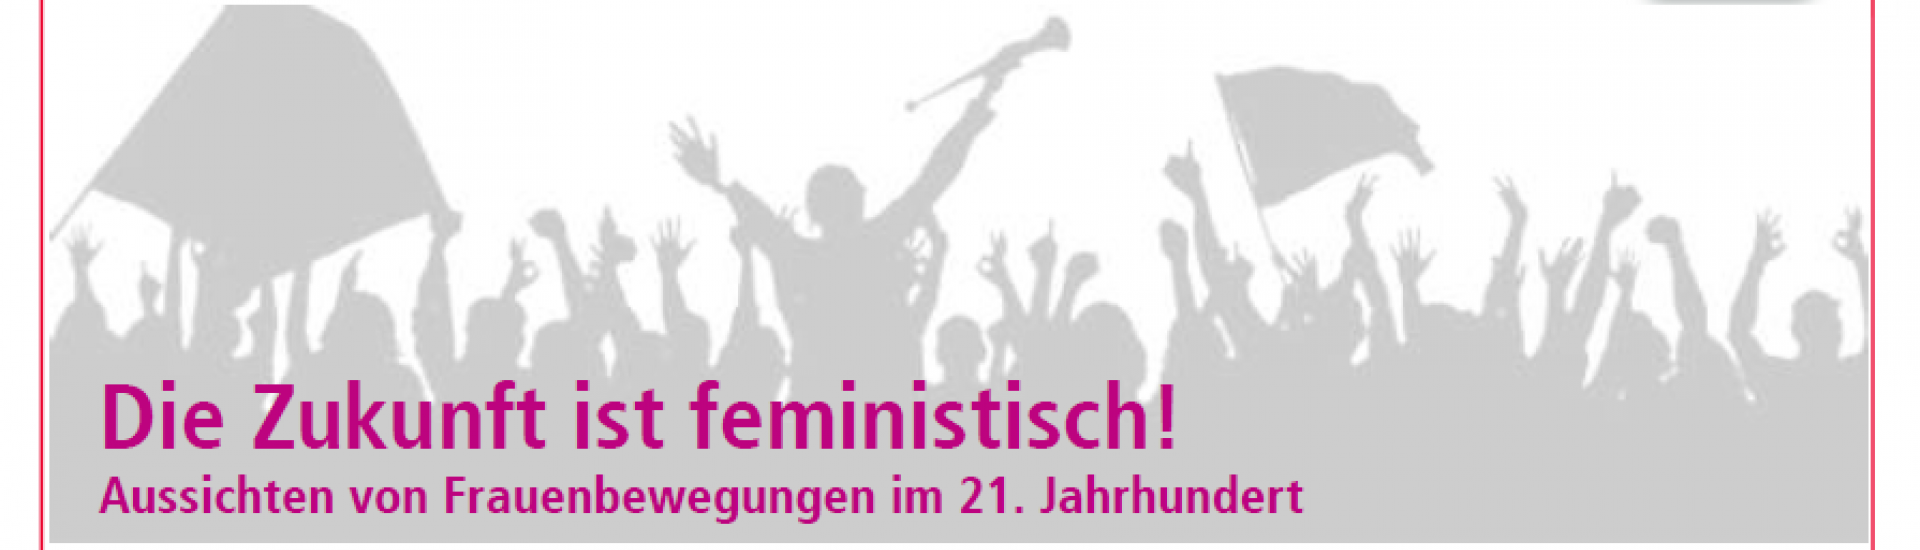 Bild mit dem Titel: Die Zukunft ist feministisch! Aussichten von Frauenbewegungen im 21. Jahrhundert